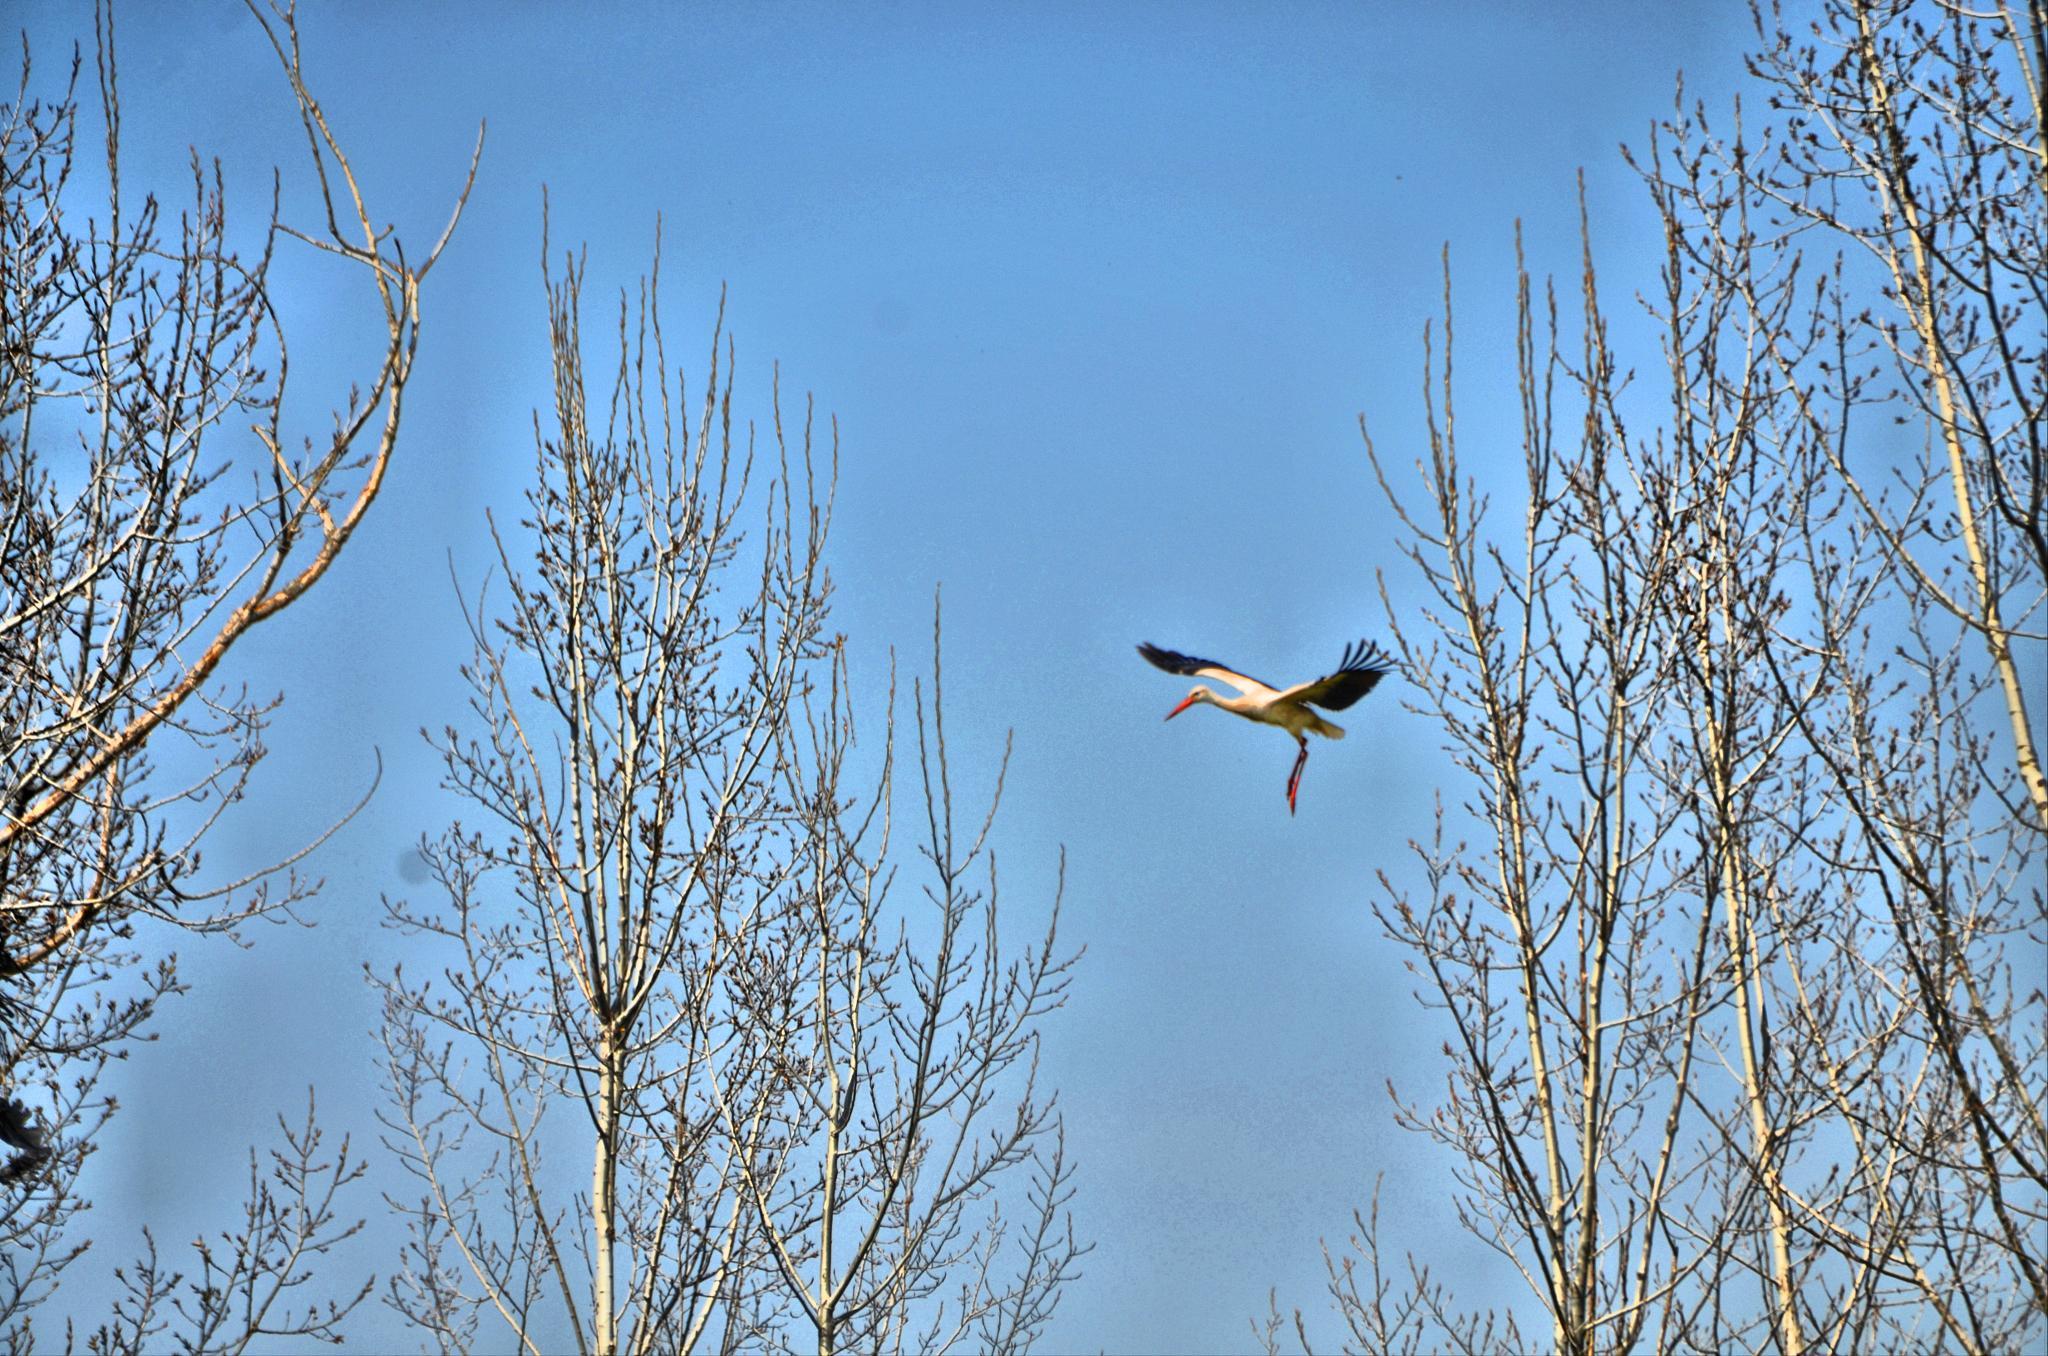 stork landing by Jorge Alonso